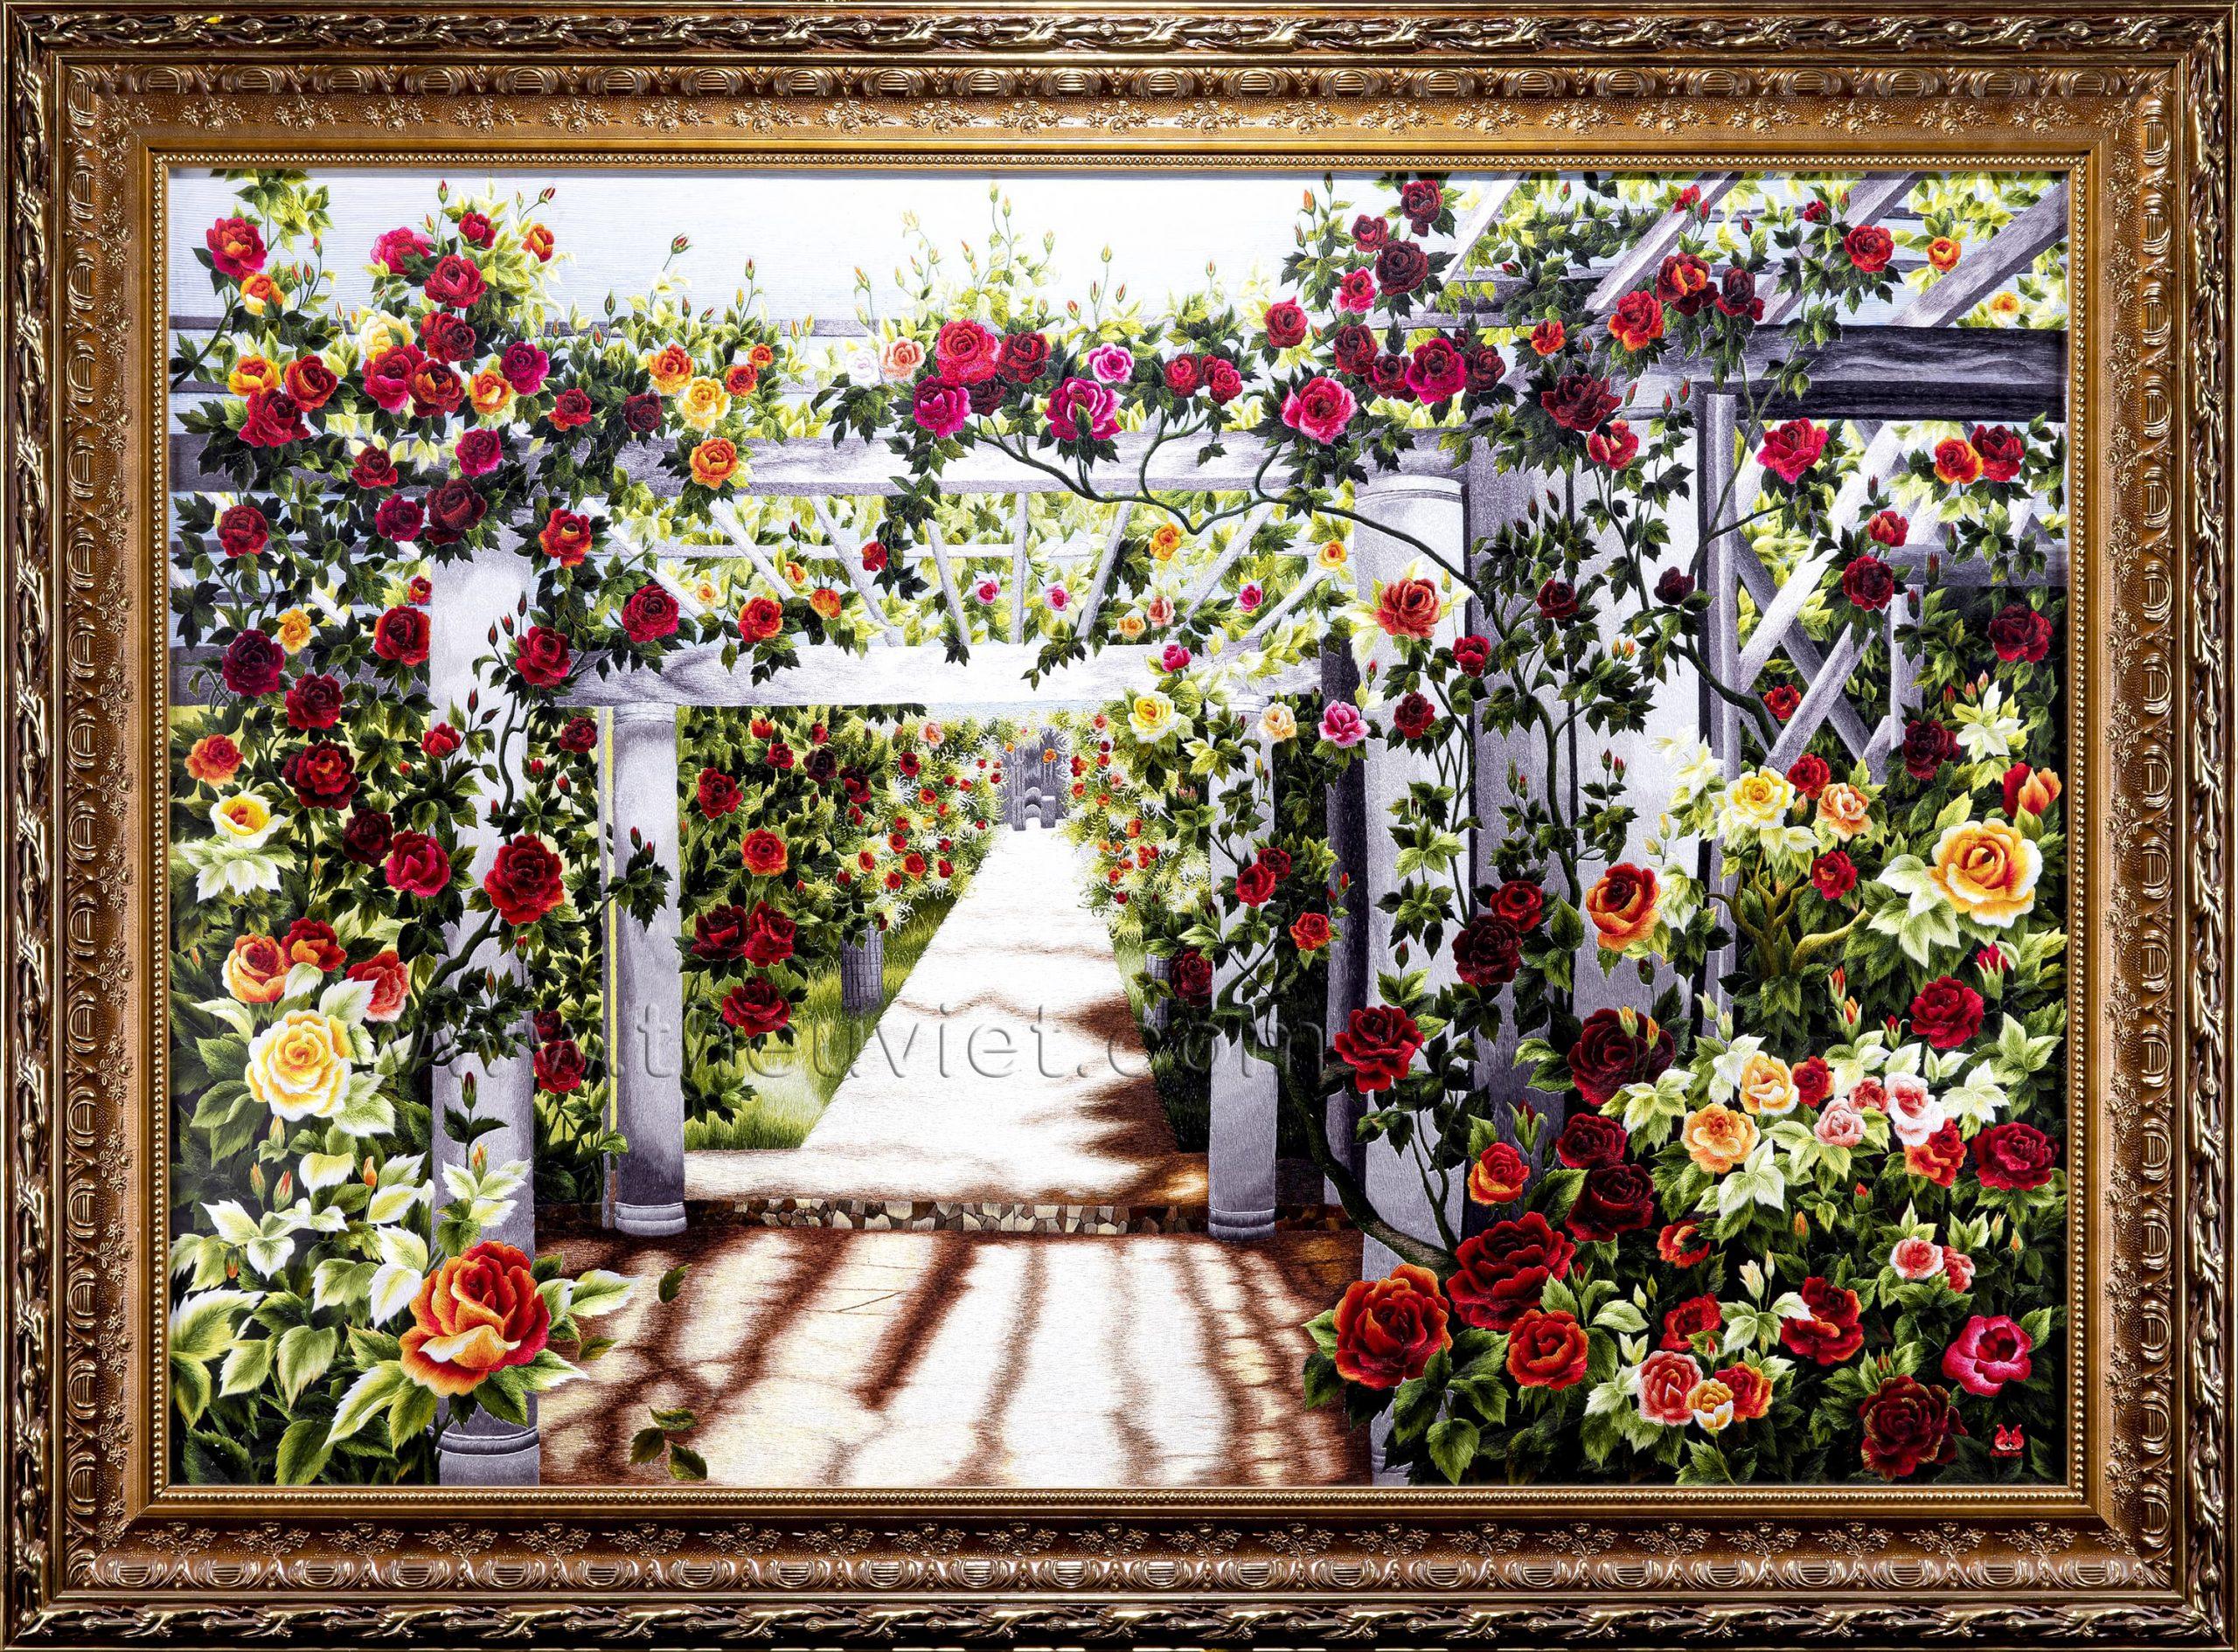 Tranh thêu hoa hồng và những ý nghĩa thú vị. 9